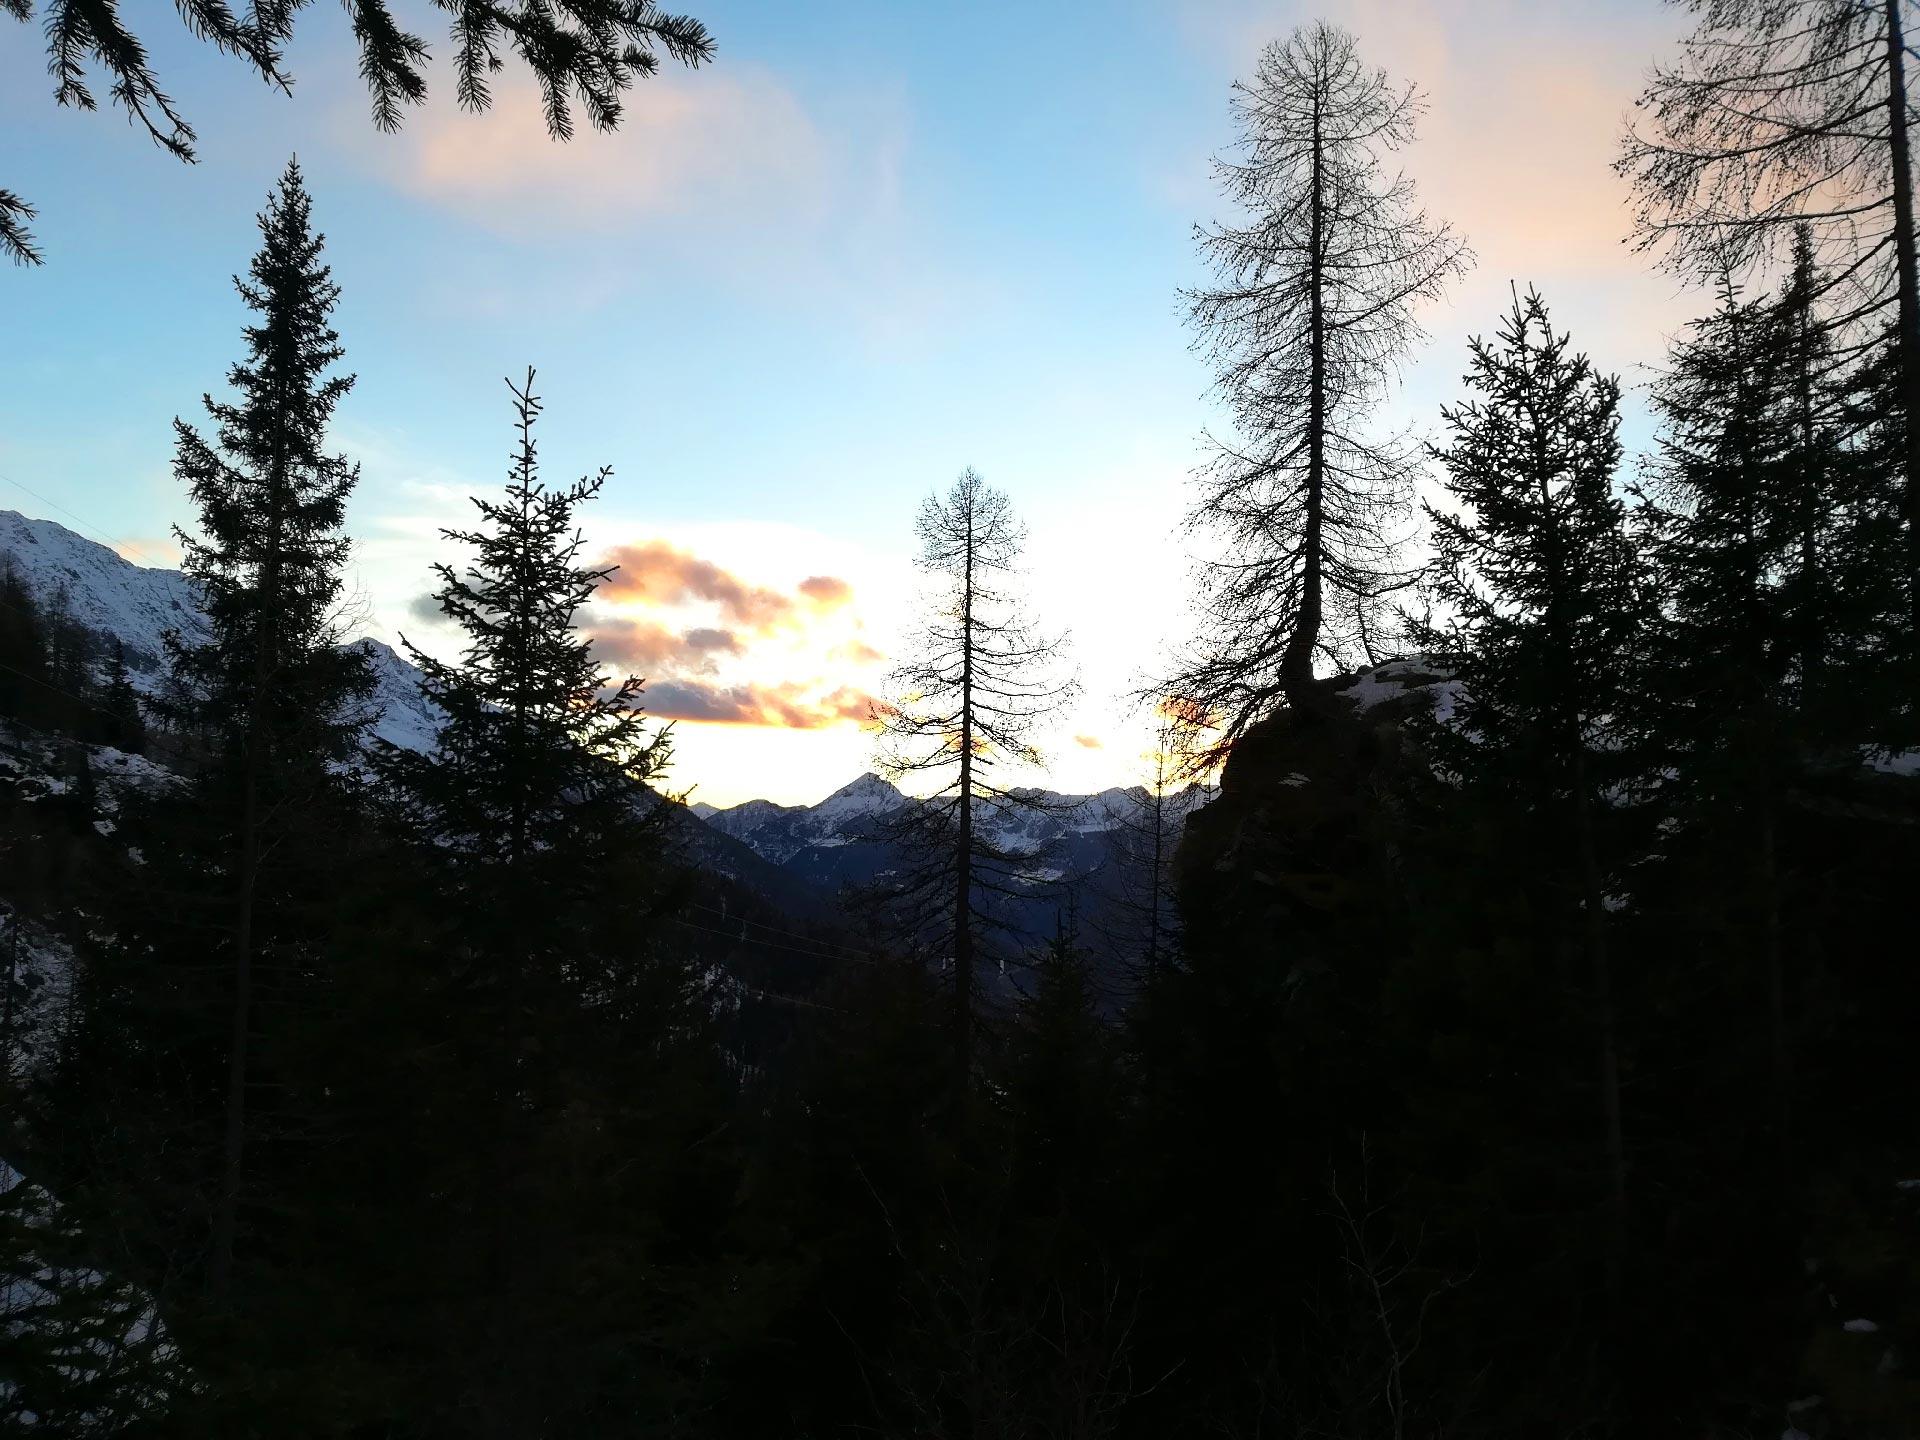 di ritorno dal Rifugio Cristina, tramonto, Valmalenco, Lombardia